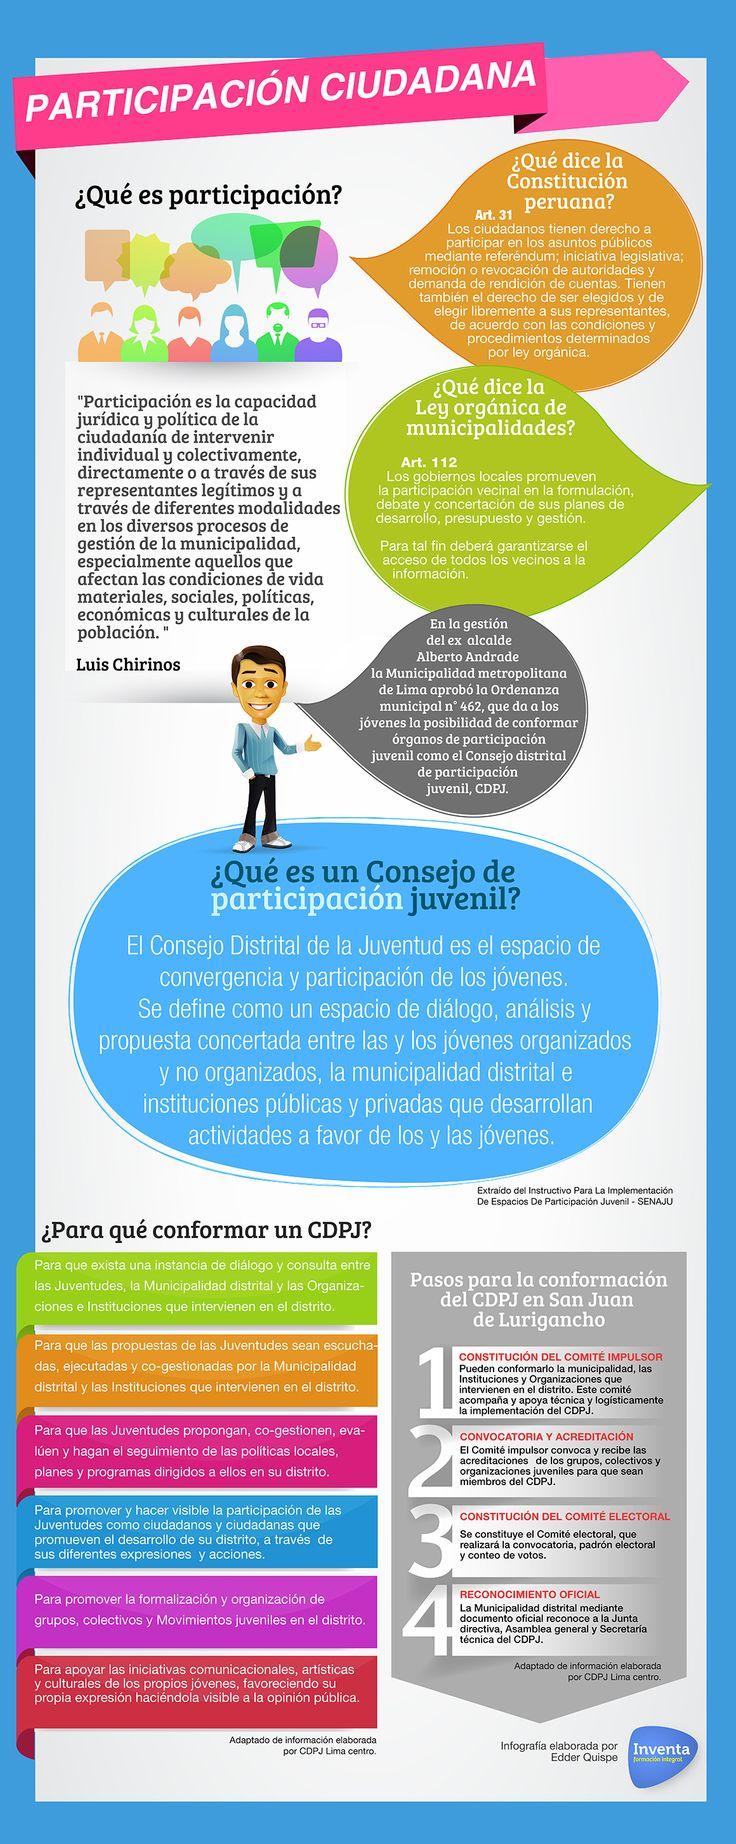 ¿Qué es participación ciudadana? ¿Cuál es la forma de participación juvenil en el planteamiento de soluciones para el desarrollo de su distrito? Infografía elaborada por la organización INVENTA FORMACIÓN INTEGRAL.